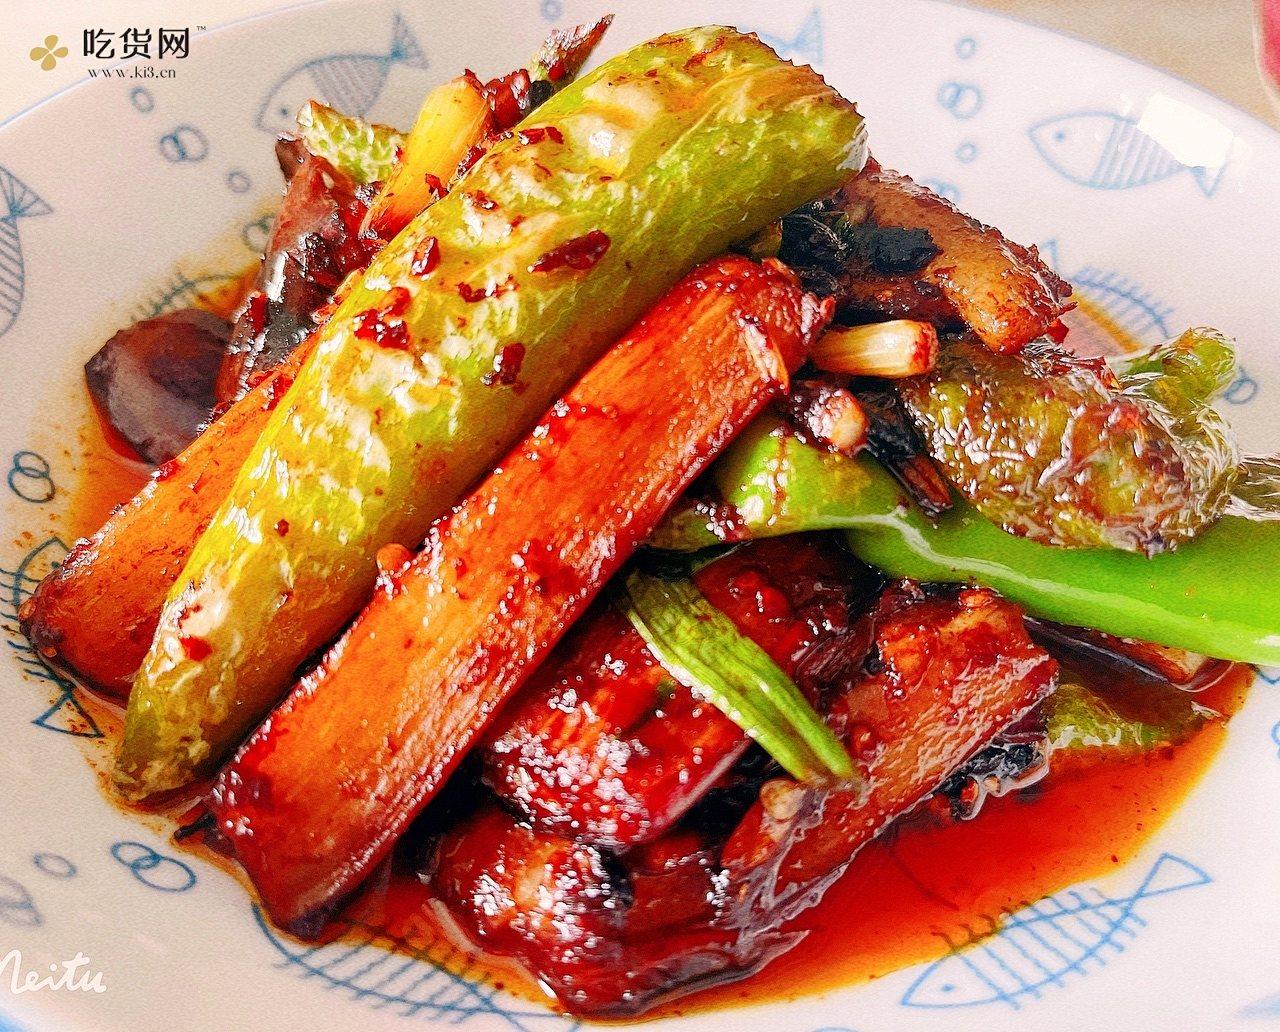 超级下饭|虎皮辣椒烧茄子🍆(零失误版)的做法 步骤11